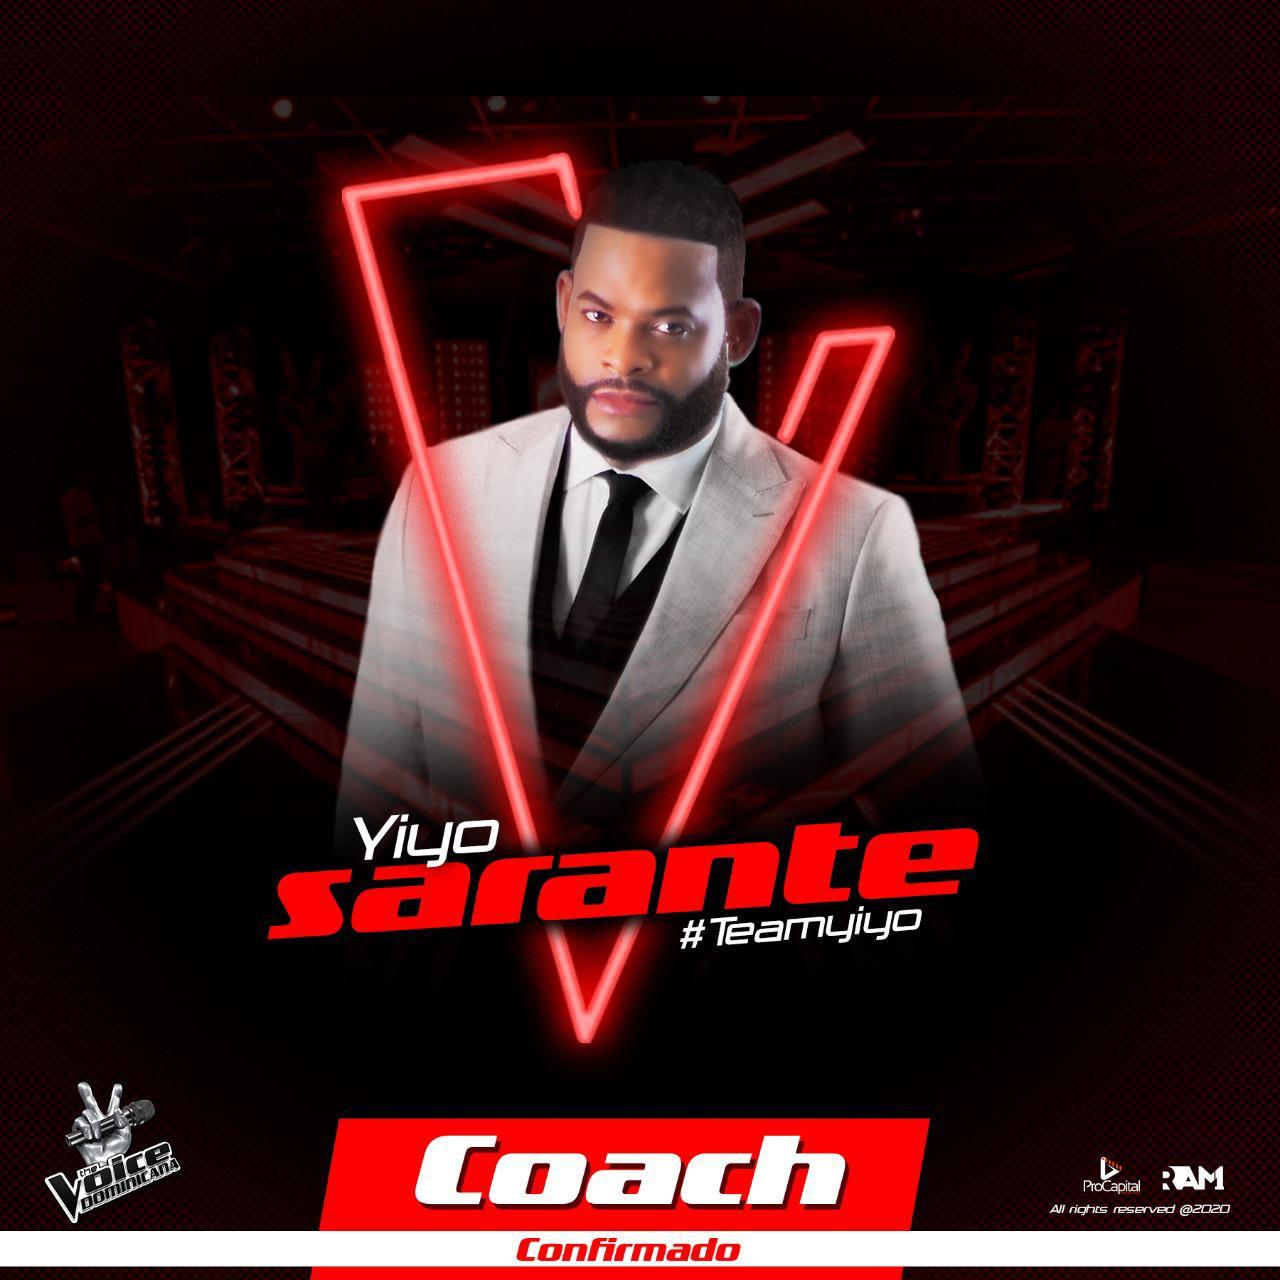 Yiyo Sarante confirmado como tercer coach vocal en The Voice Dominicana